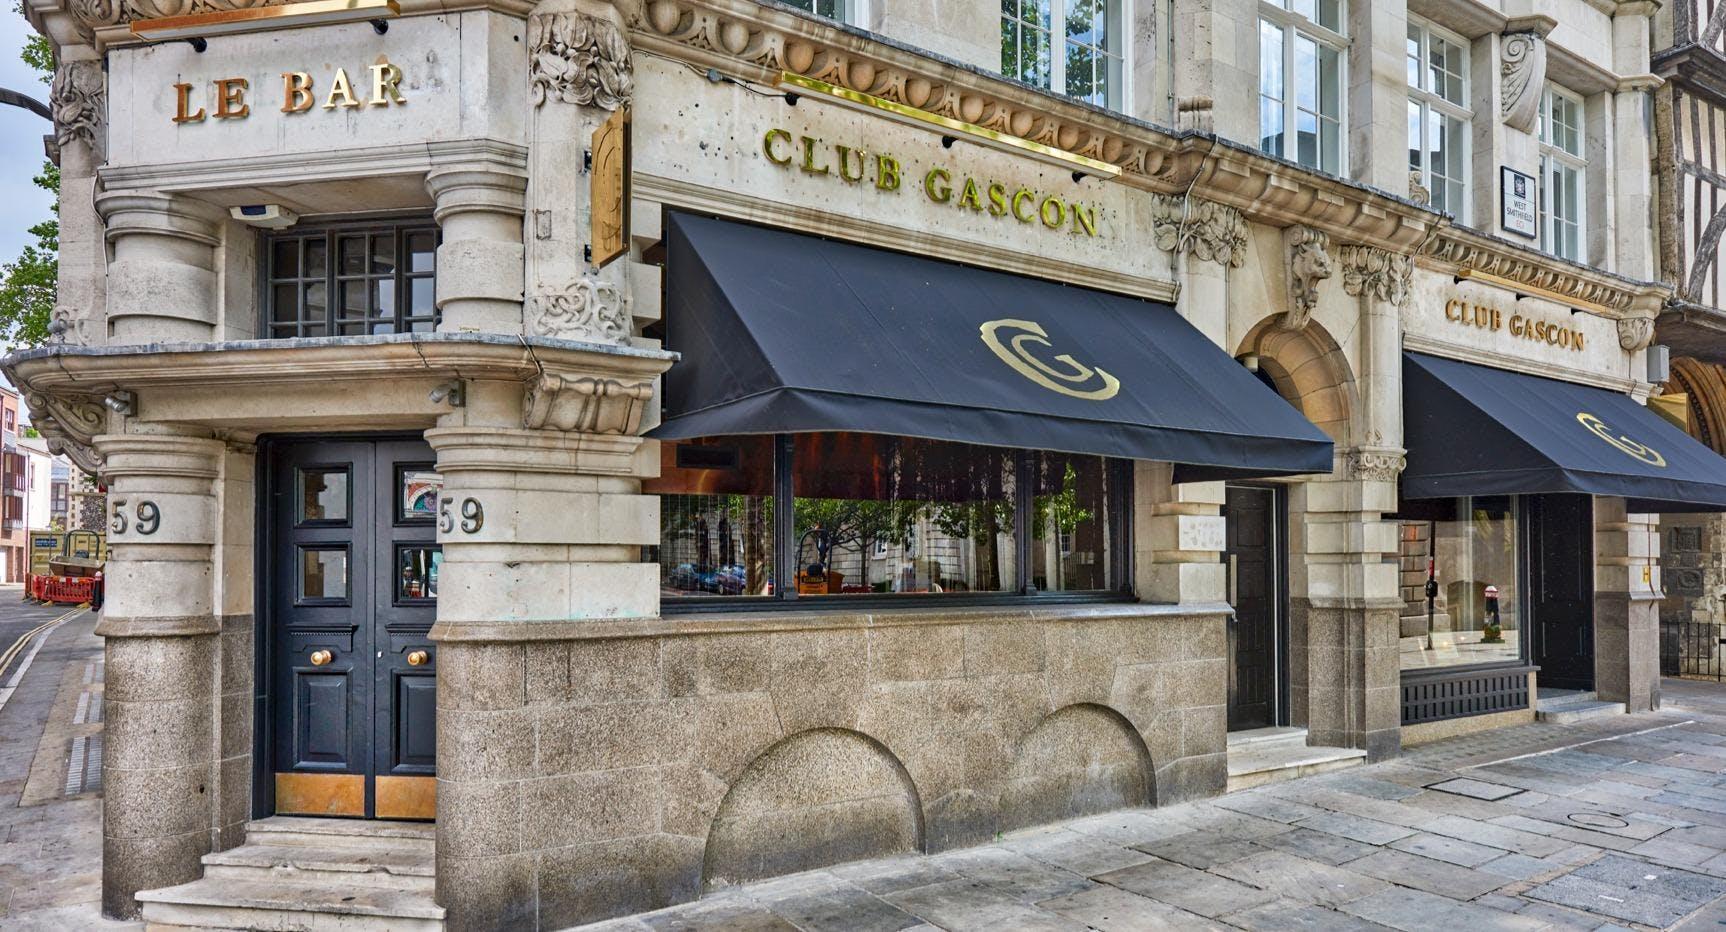 Club Gascon